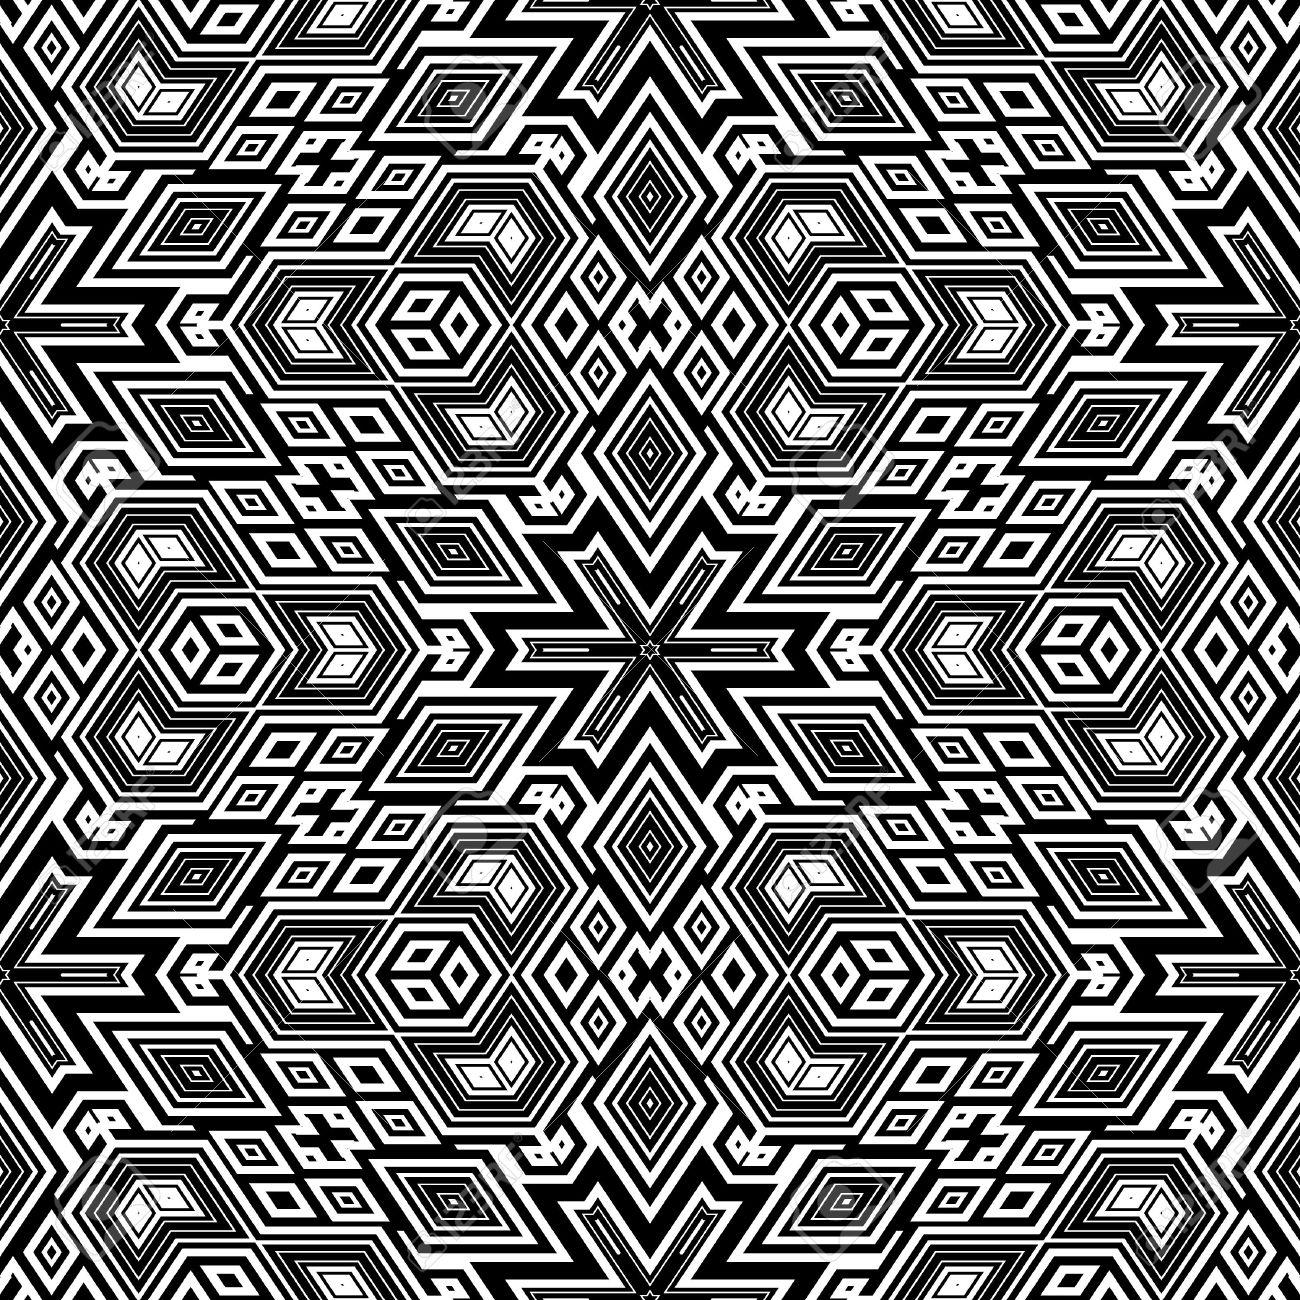 黒と白のレトロな花パターン タイルをシームレスに エッシャーの典型的な光学錯覚 の写真素材 画像素材 Image